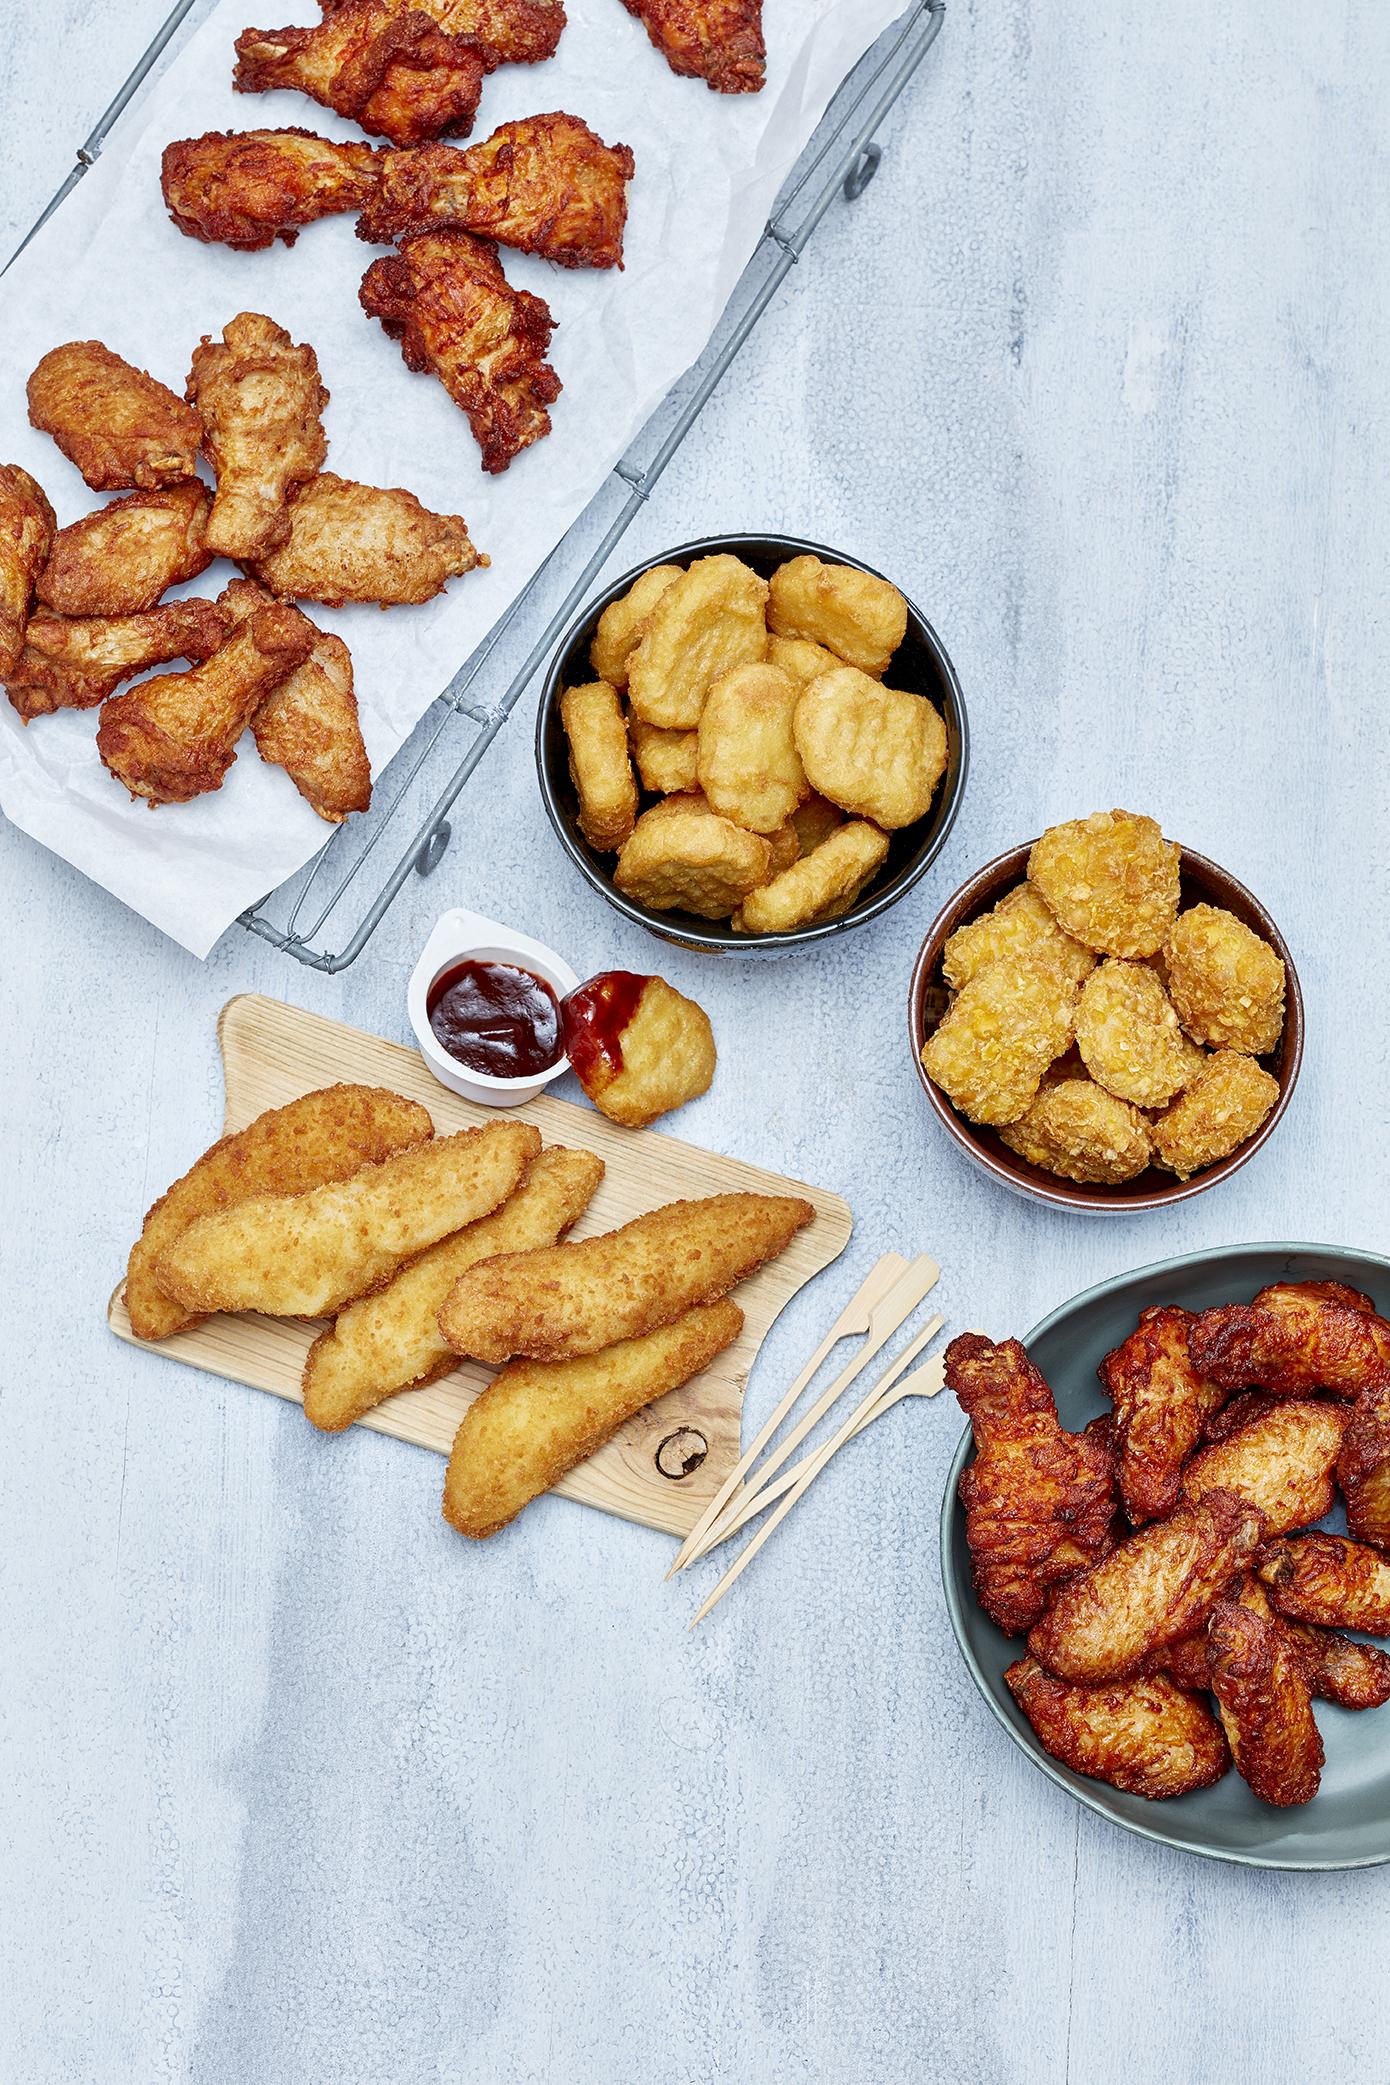 OSI_Foodworks_Chicken_Vielfalt